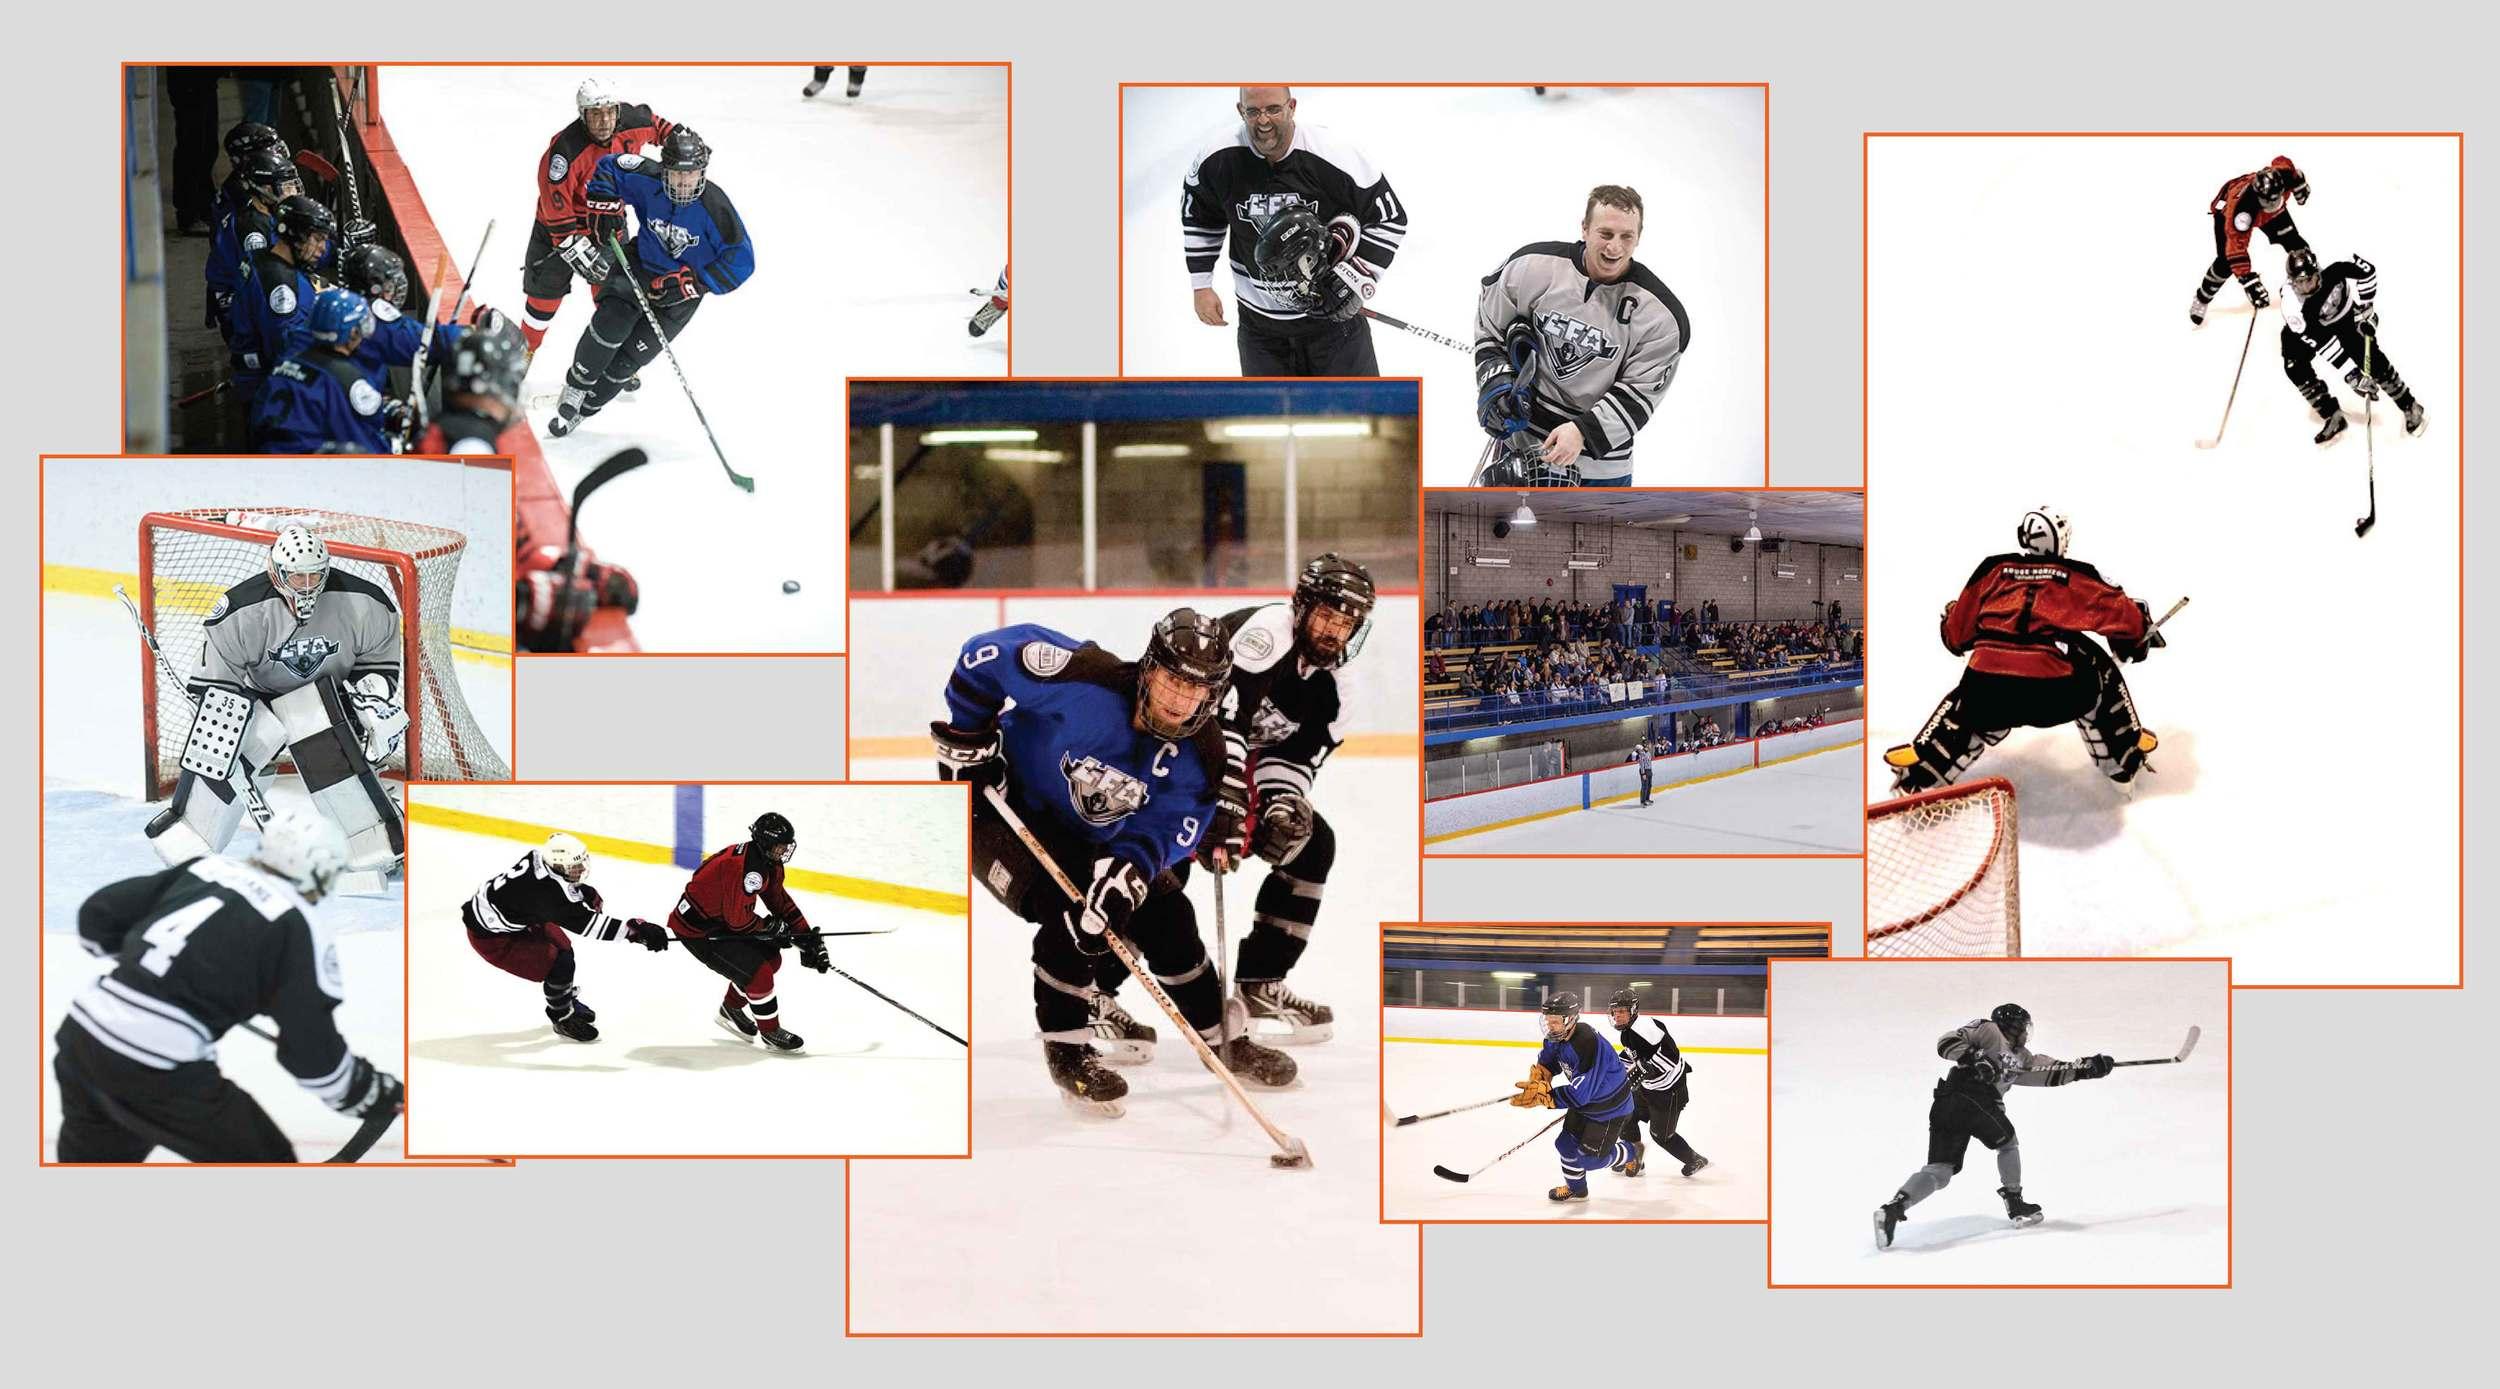 Montage photo d'images d'archive de la saison inaugurale 2013-2014